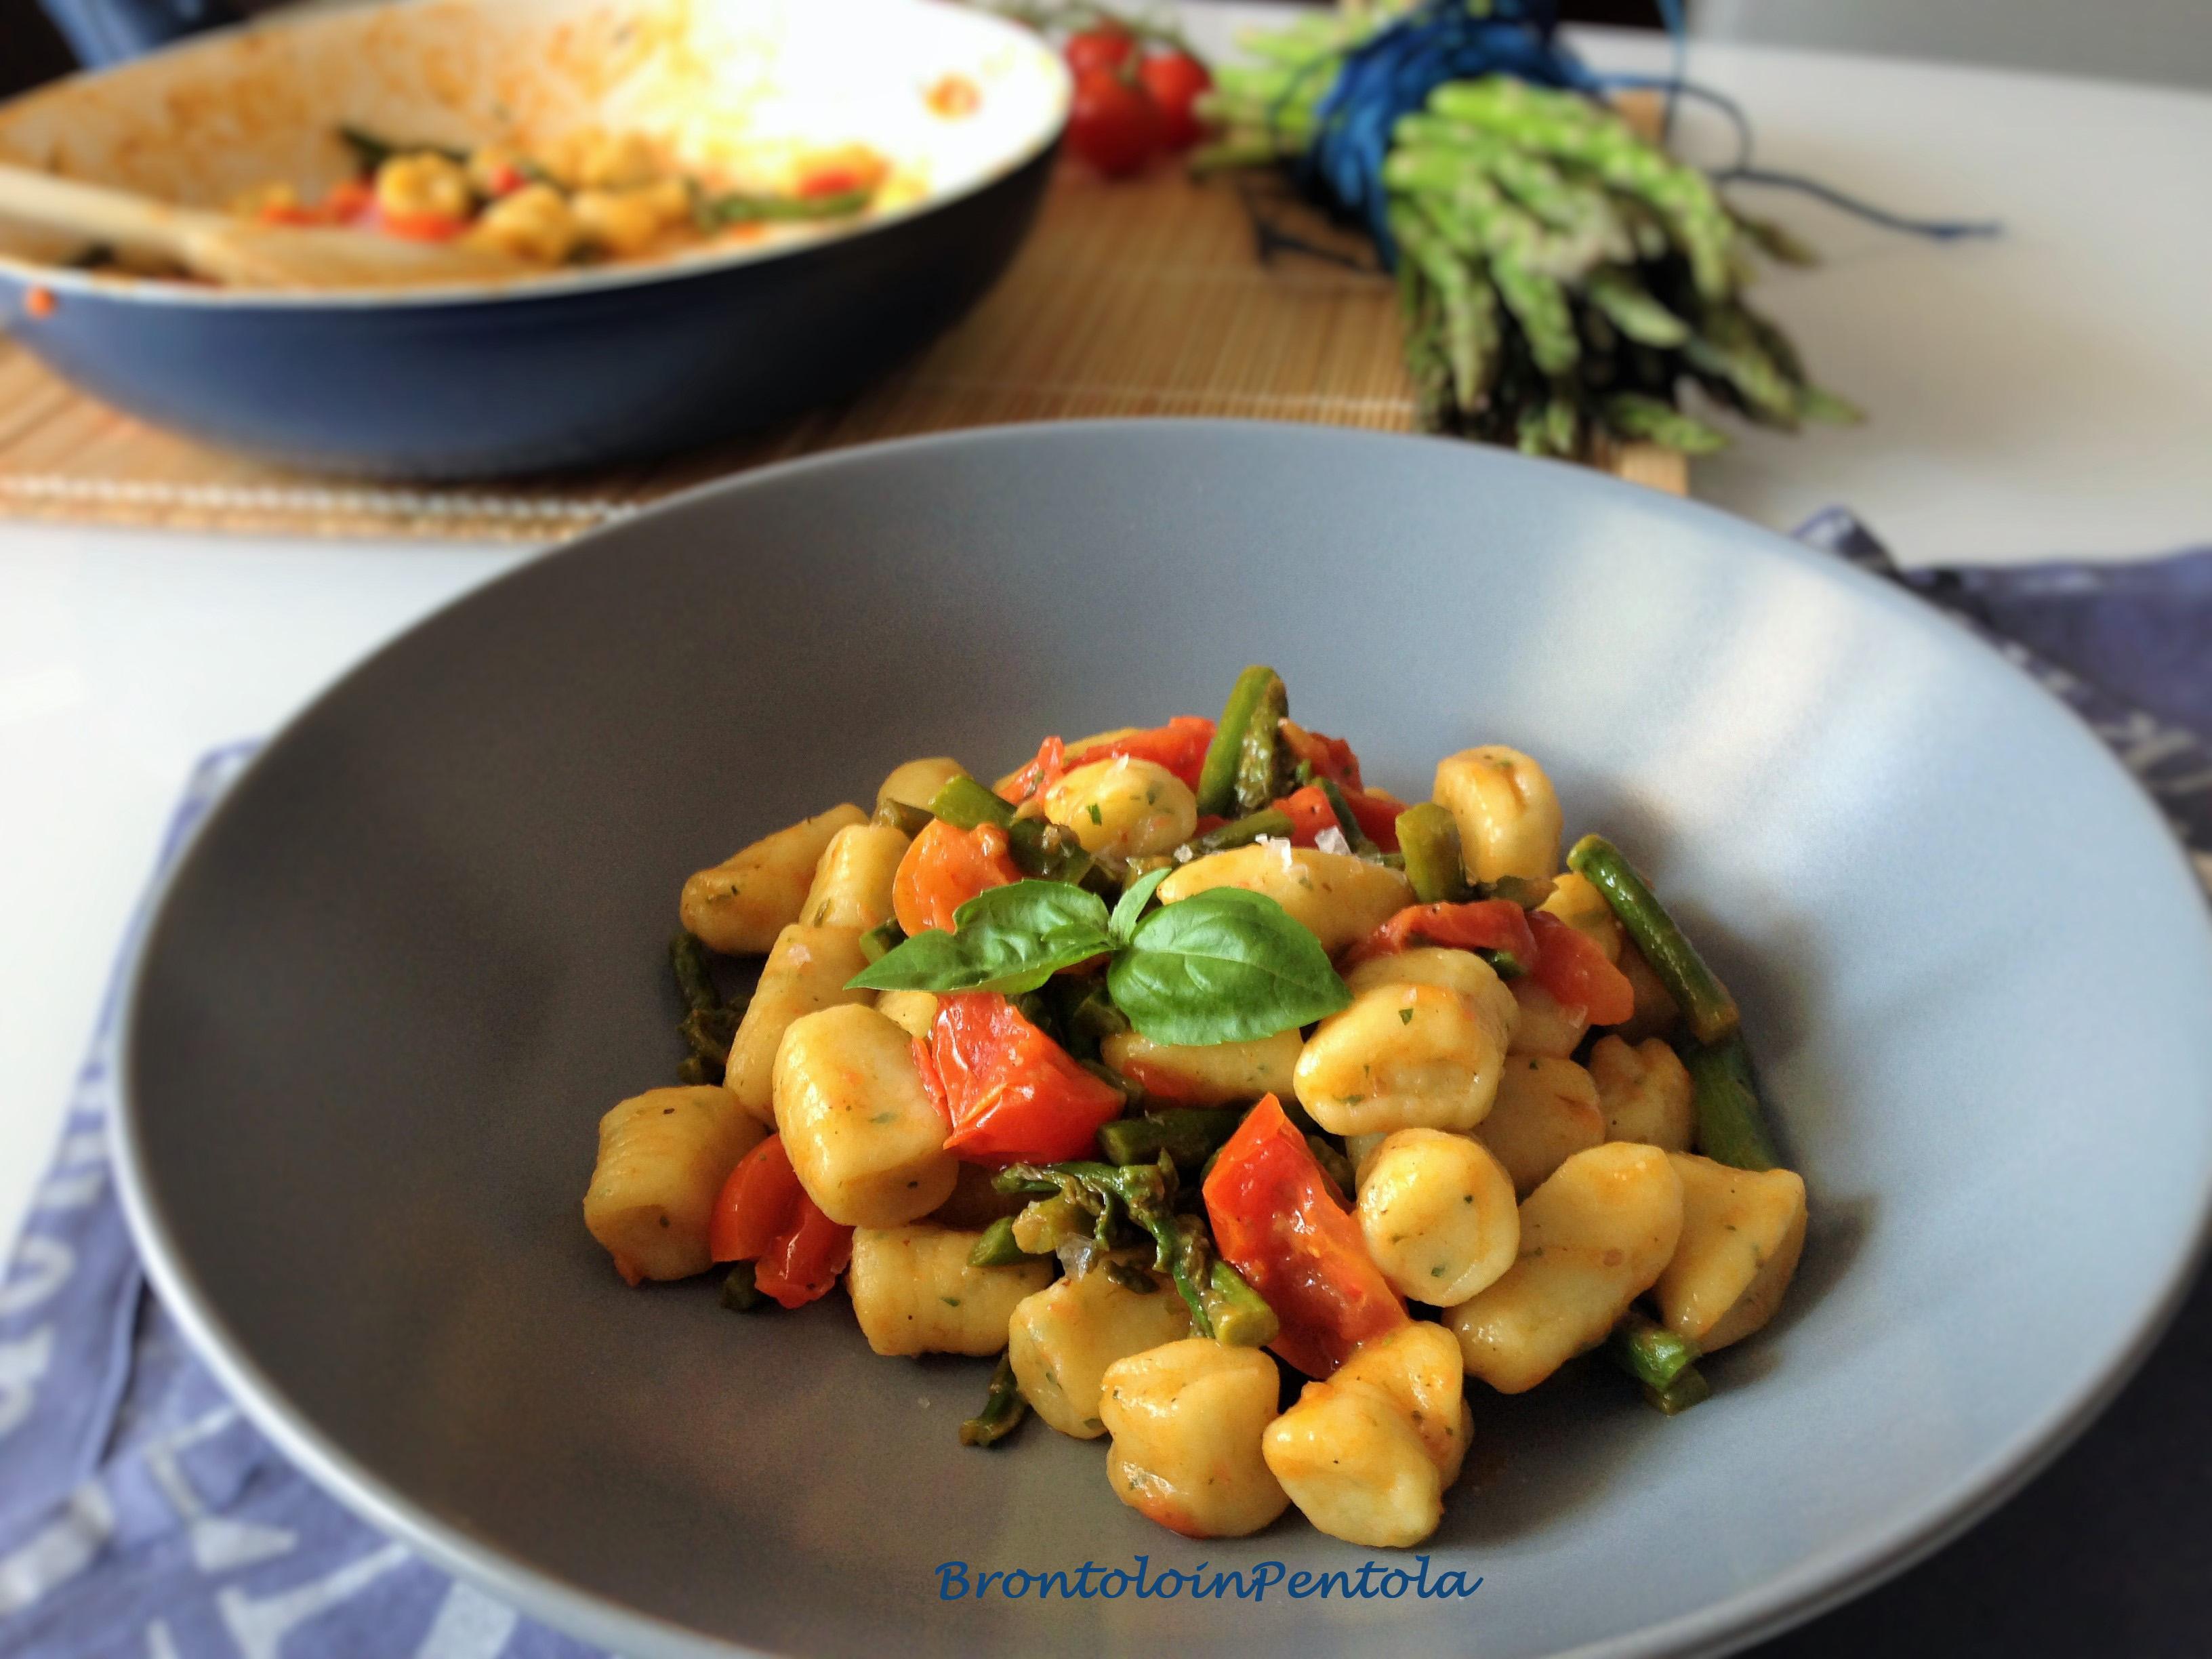 img_2721 Gnocchi alle erbe aromatiche con pomodori pachino ed asparagi